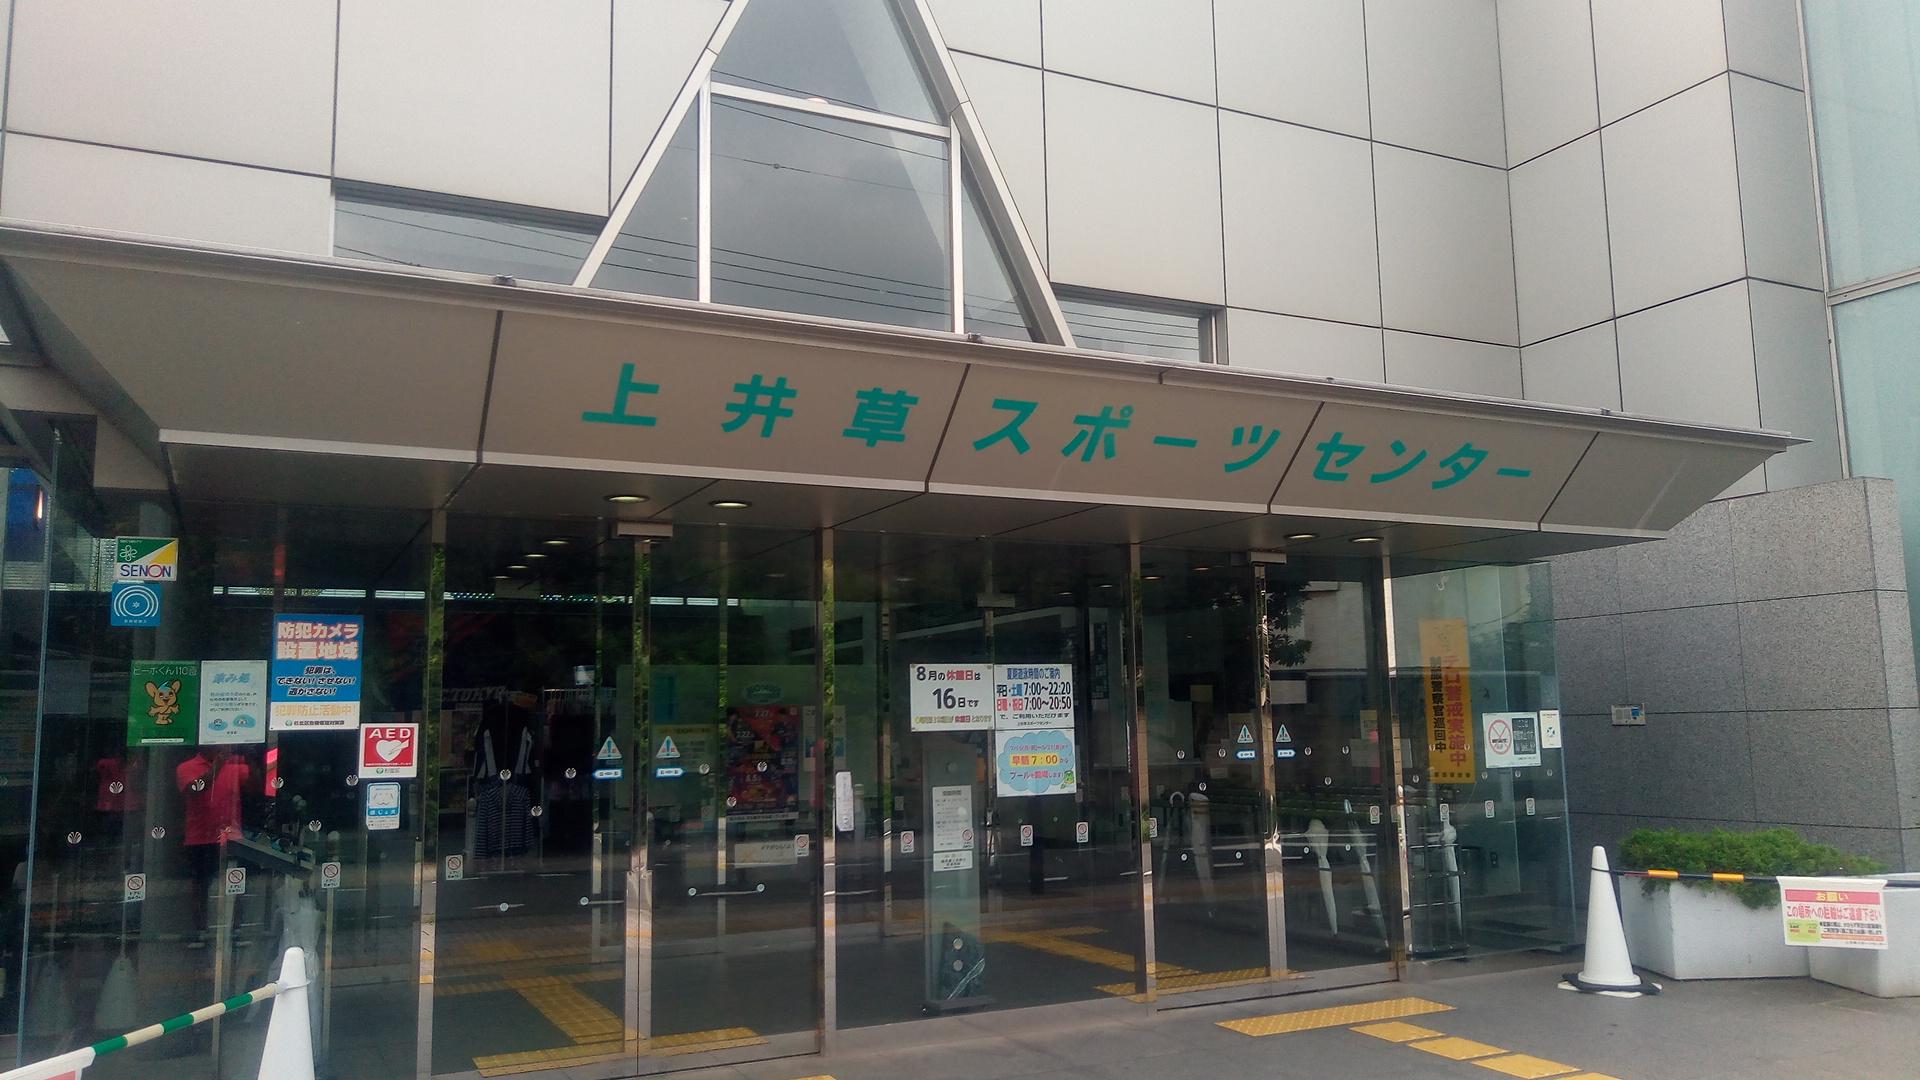 会場の上井草スポーツセンター